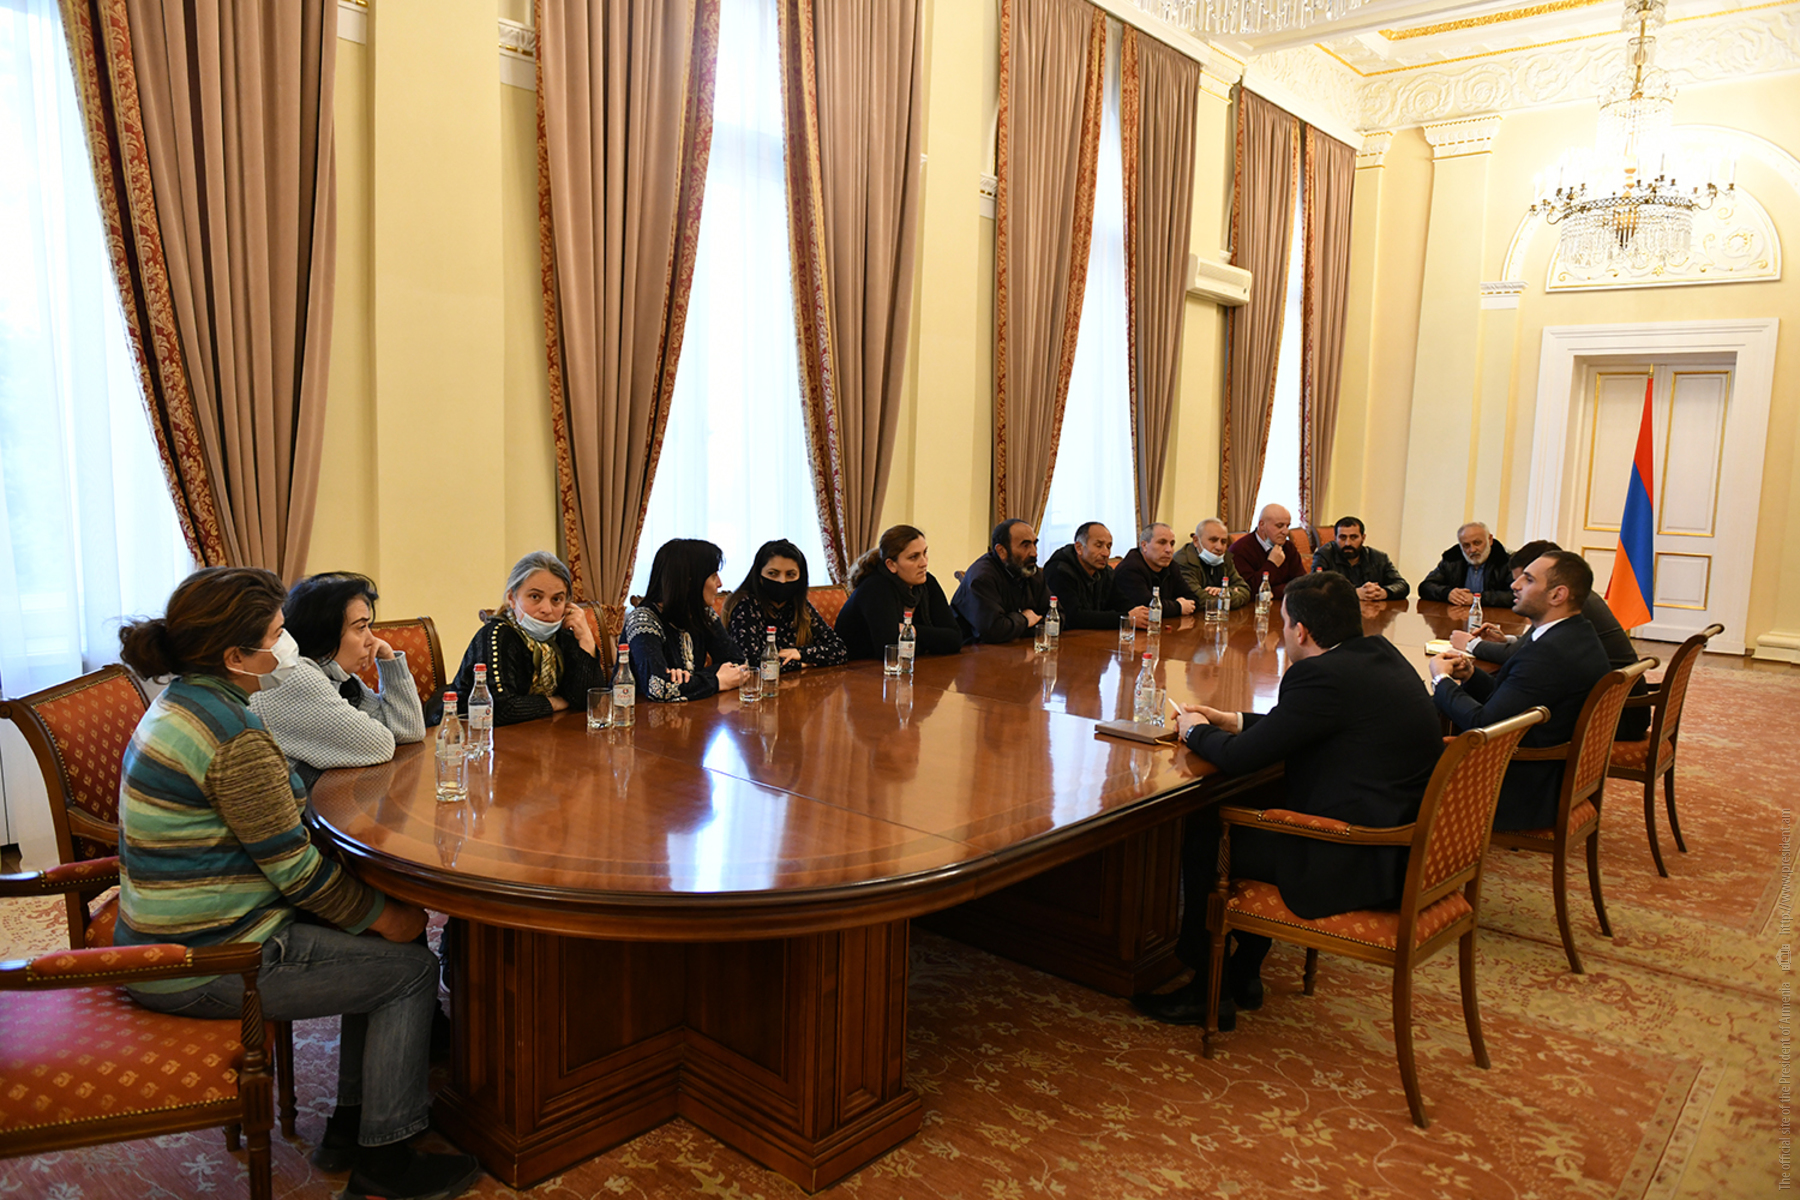 Photo of Հանրապետության նախագահի աշխատակազմում տեղի է ունեցել հանդիպում անհետ կորածների ընտանիքների ներկայացուցիչների հետ